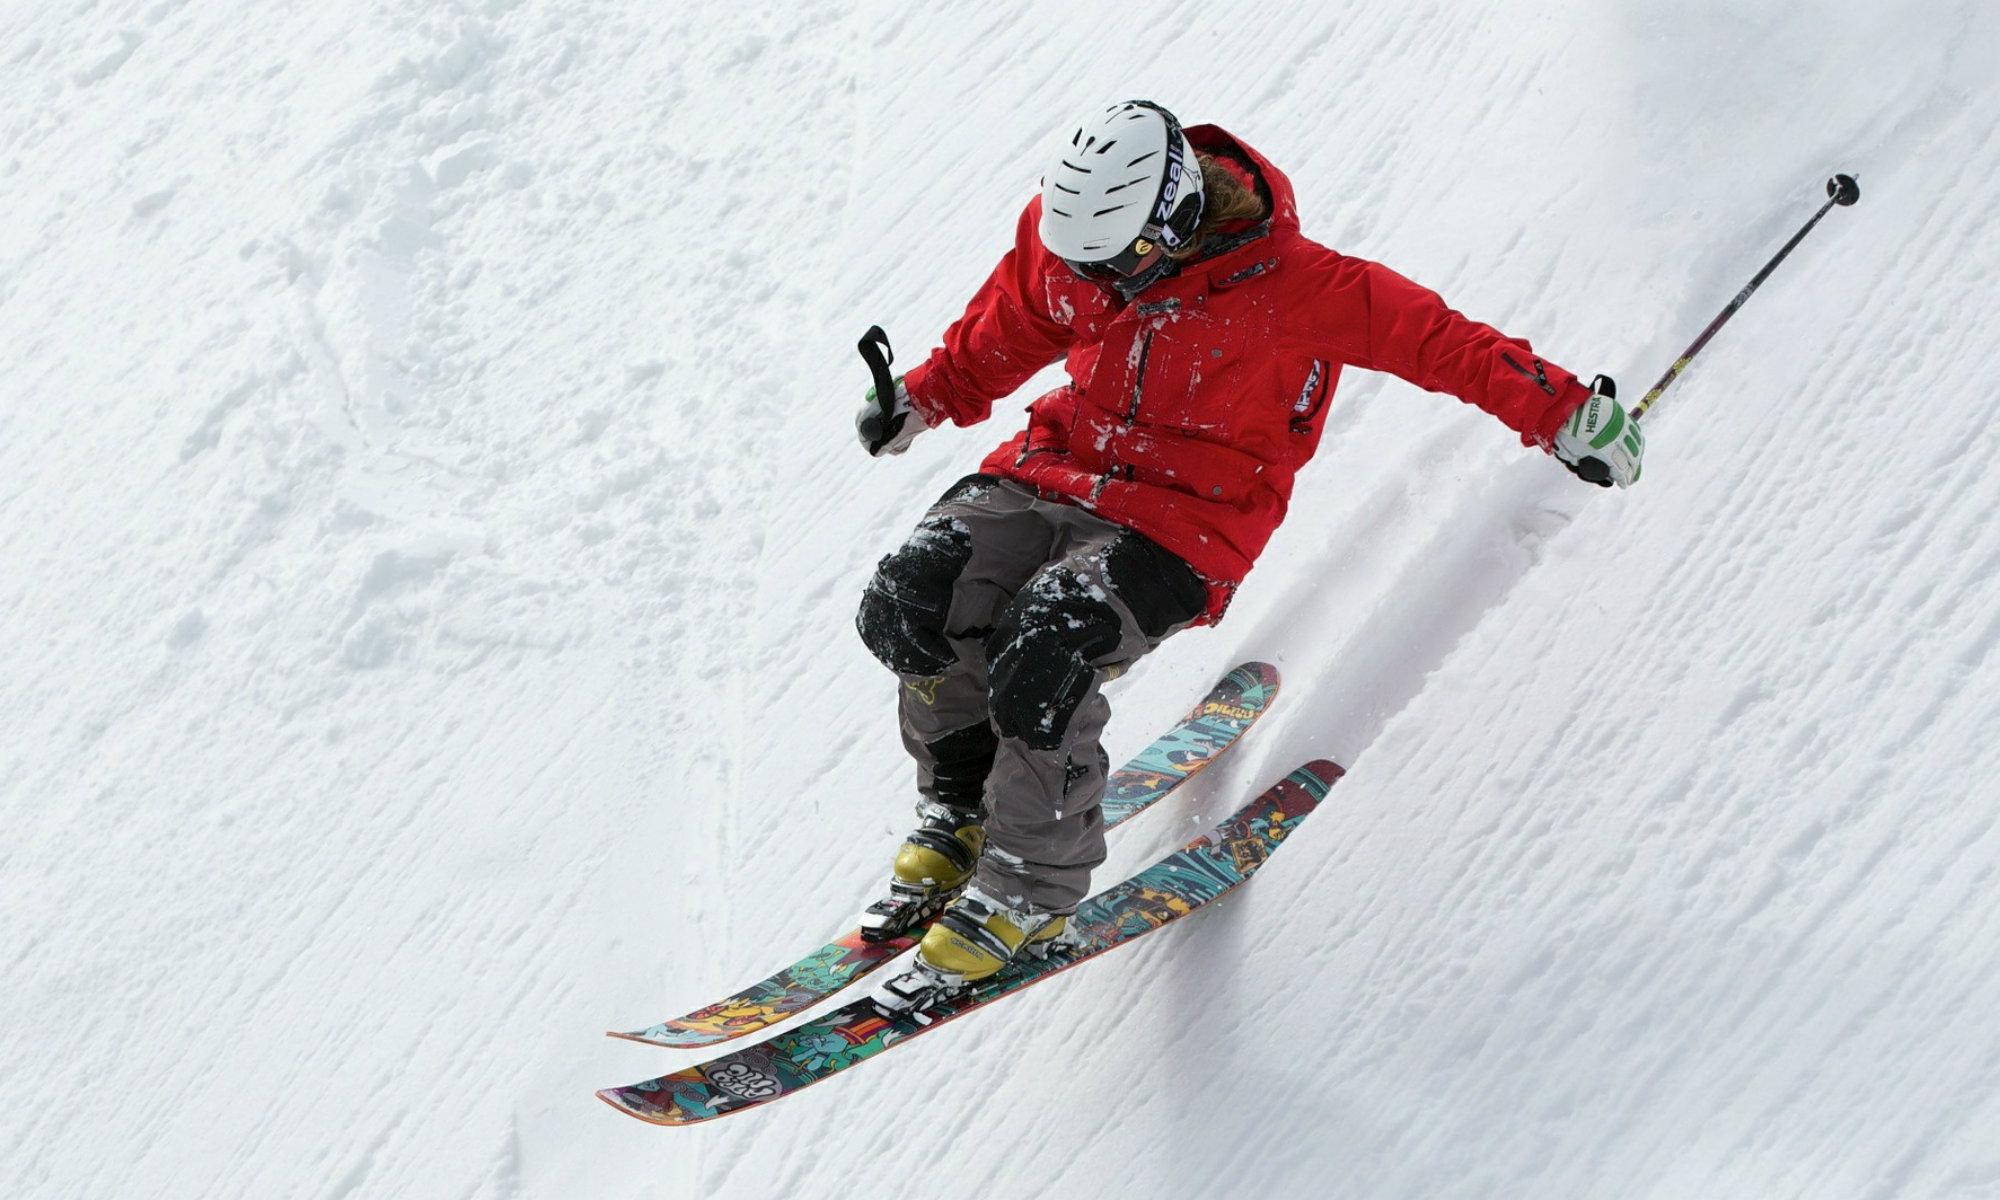 Un skieur hors-piste.